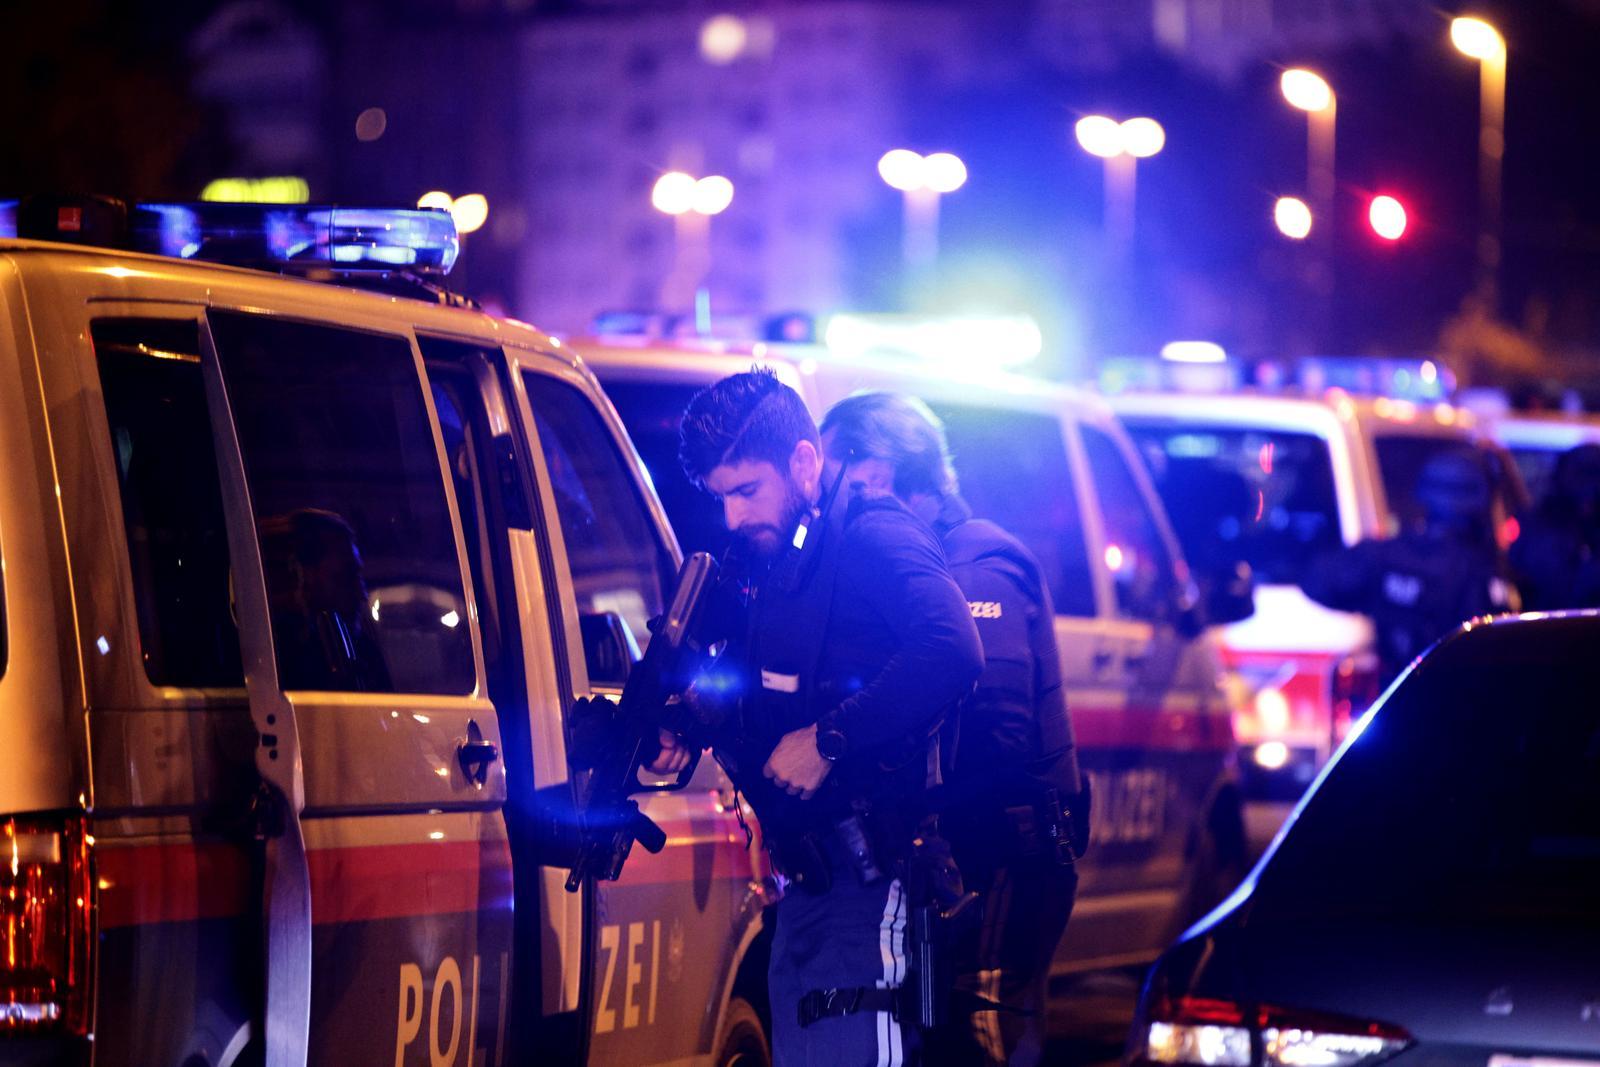 Police blocks a street near Schwedenplatz square after exchanges of gunfire in Vienna, Austria November 2, 2020. Photo: Reuters